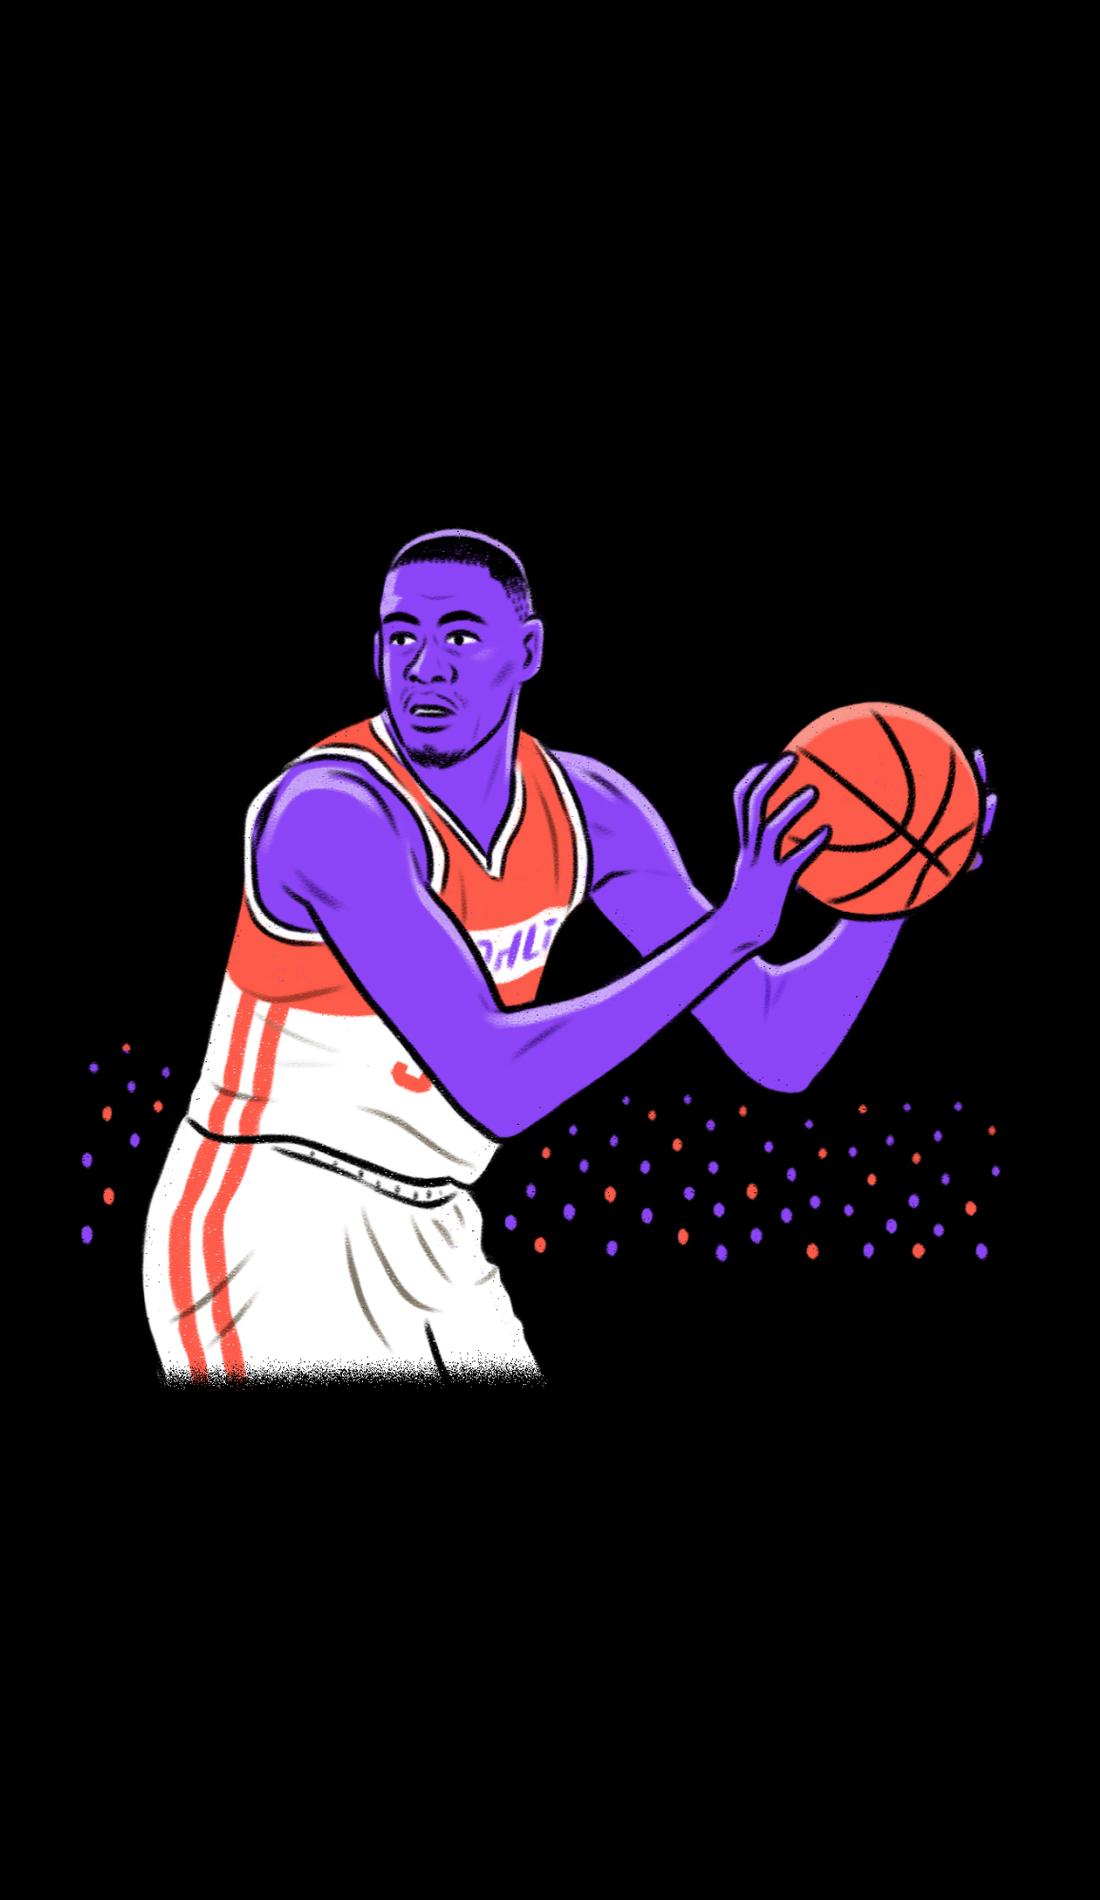 A Vanderbilt Commodores Basketball live event